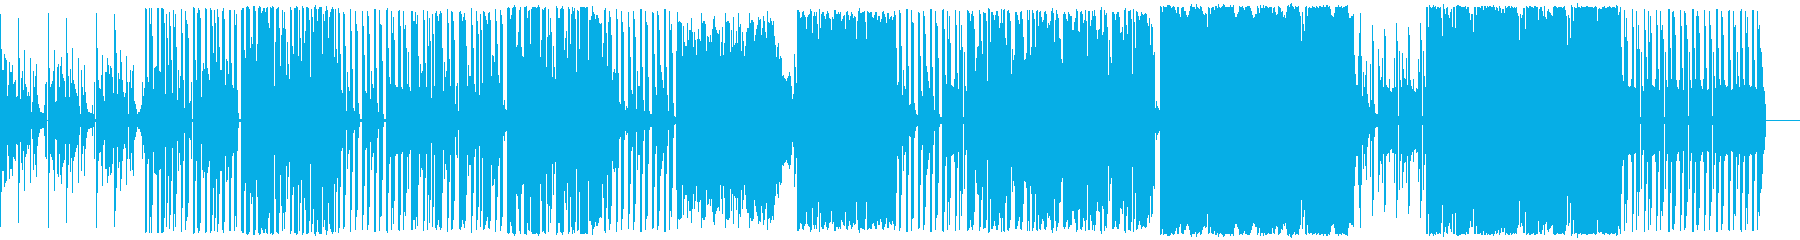 汎用性の高いサイバー感のあるBGMの再生済みの波形